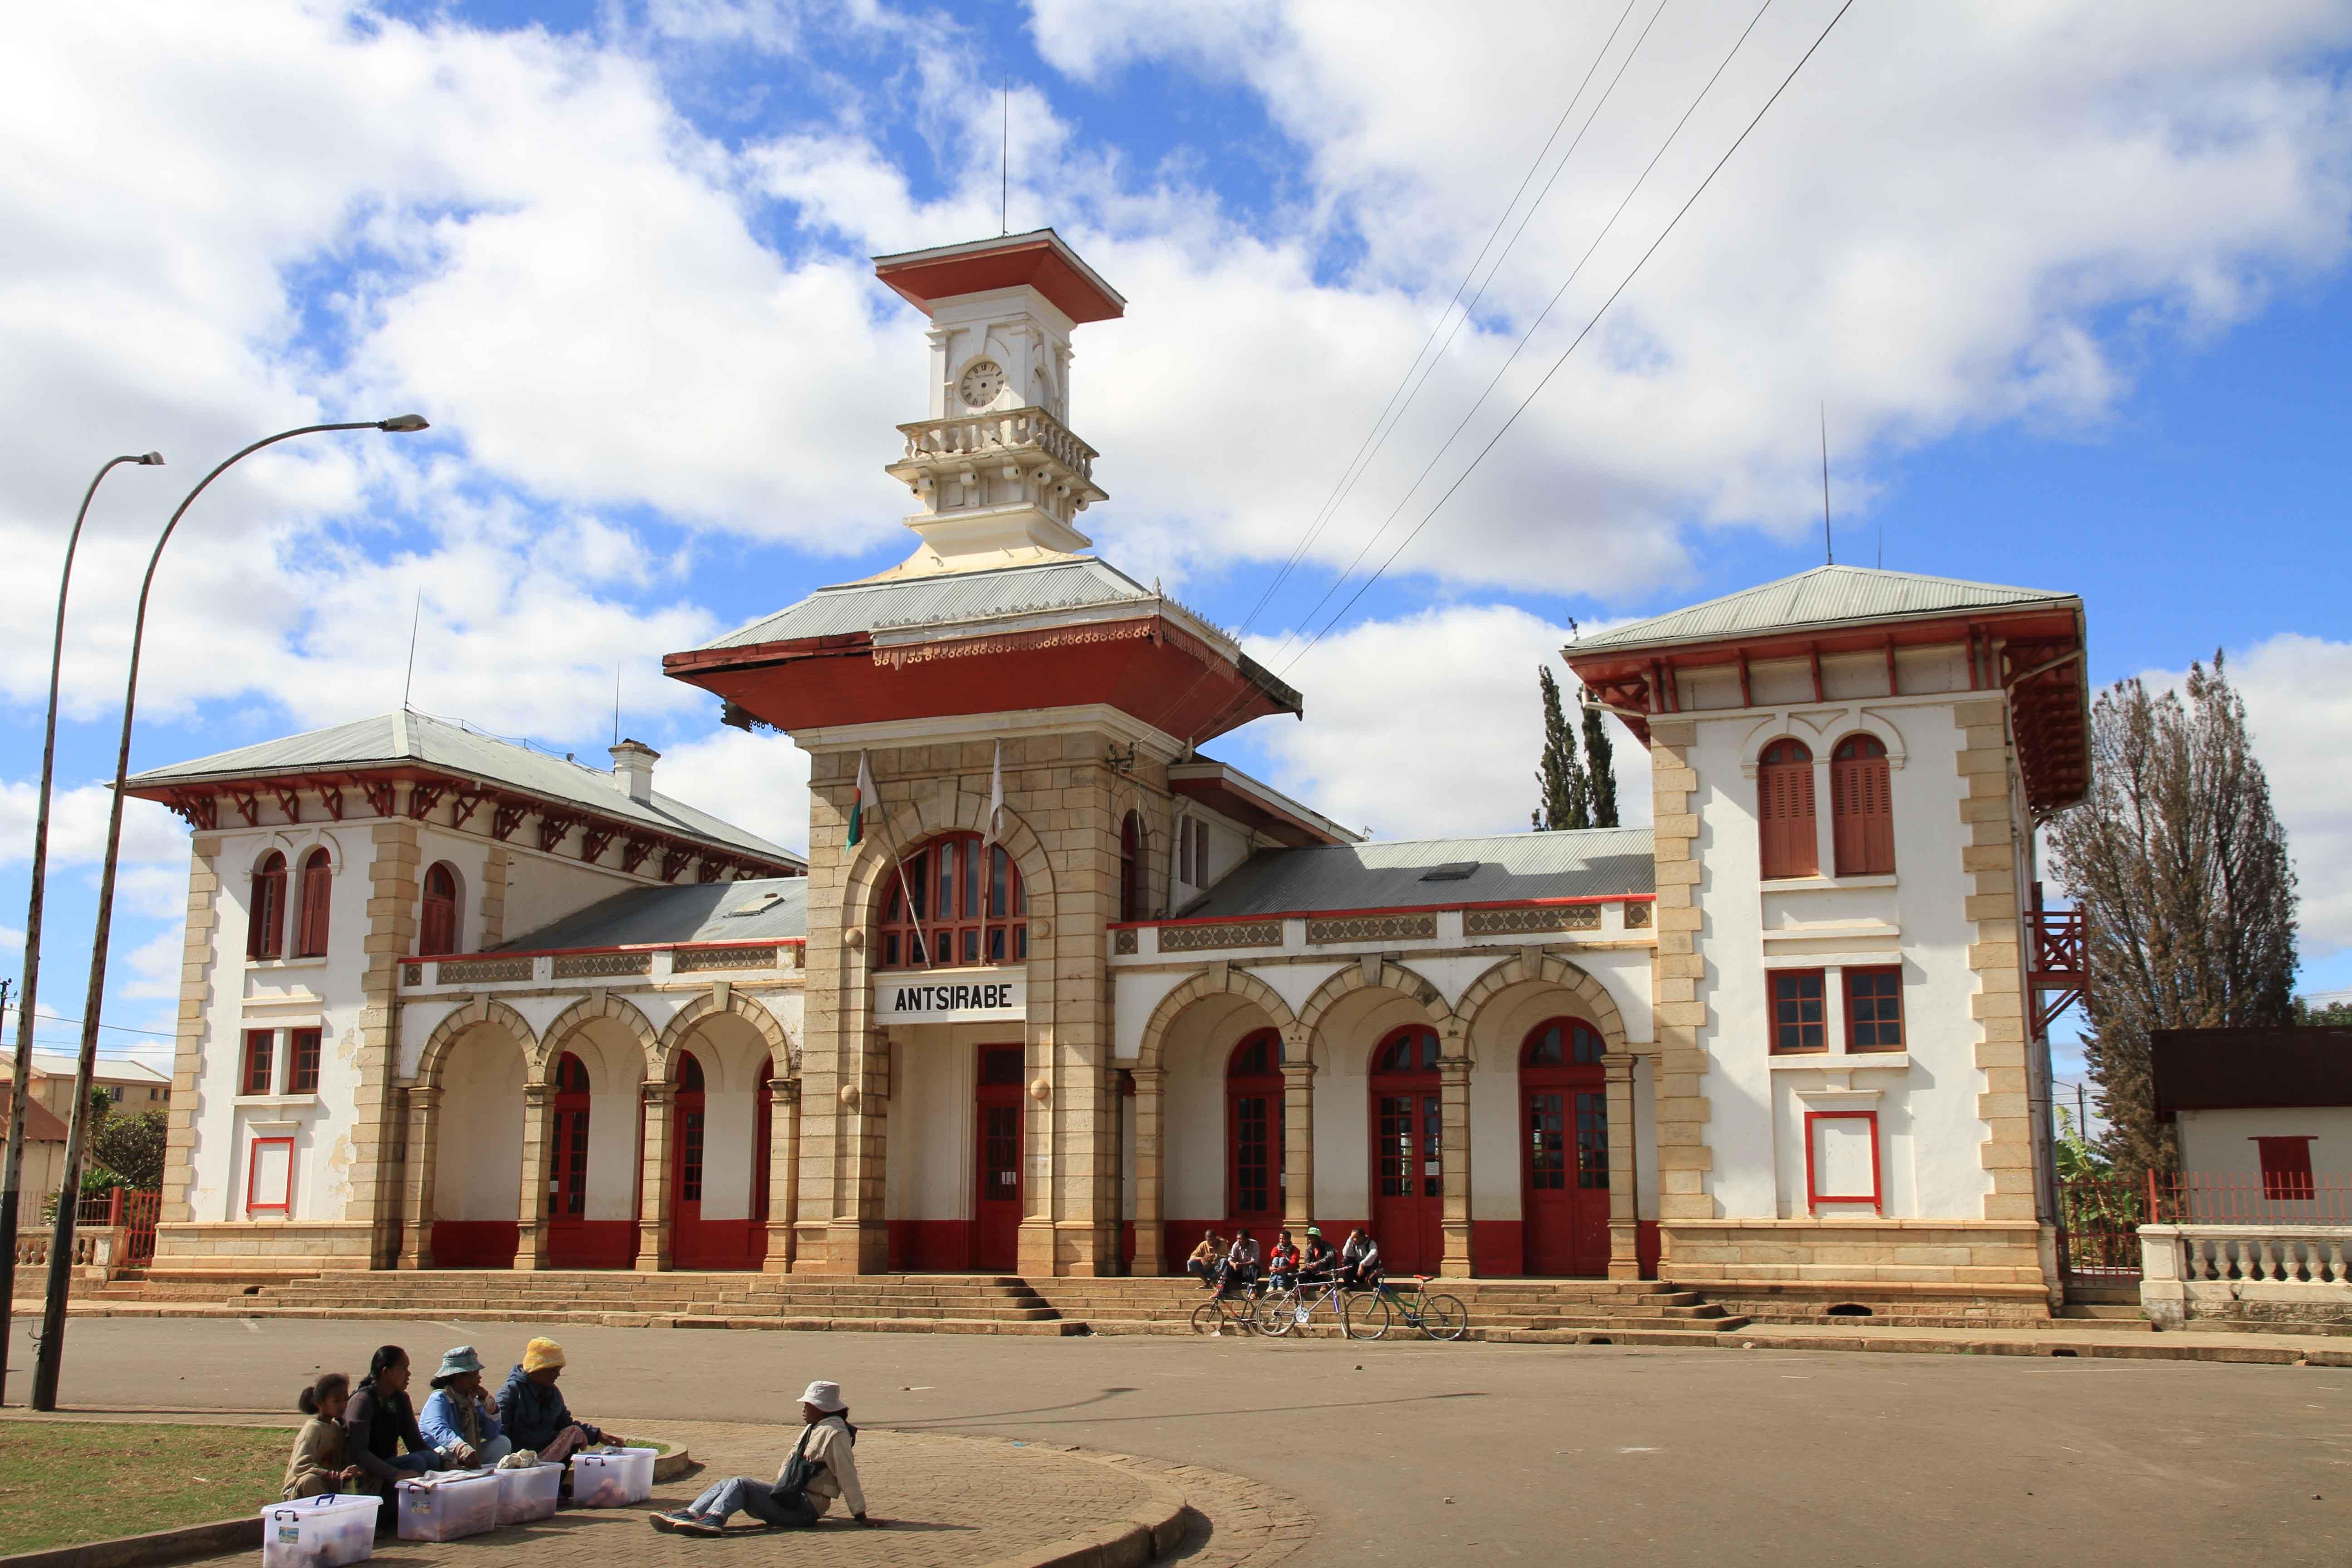 Bahnhof Antsirabe Madagaskar / Gare Antsirabe Madagascar / Railway station Antsirabe Madagascar